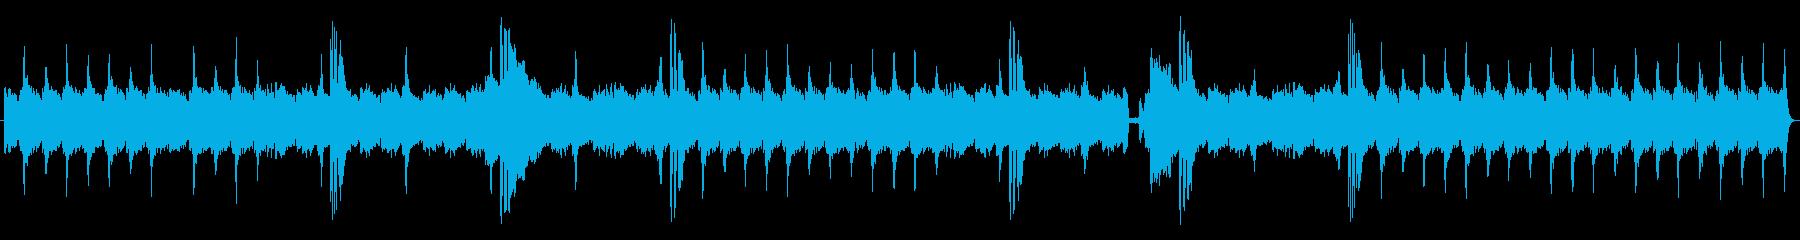 勢いと響きに迫力あるメロディーの再生済みの波形